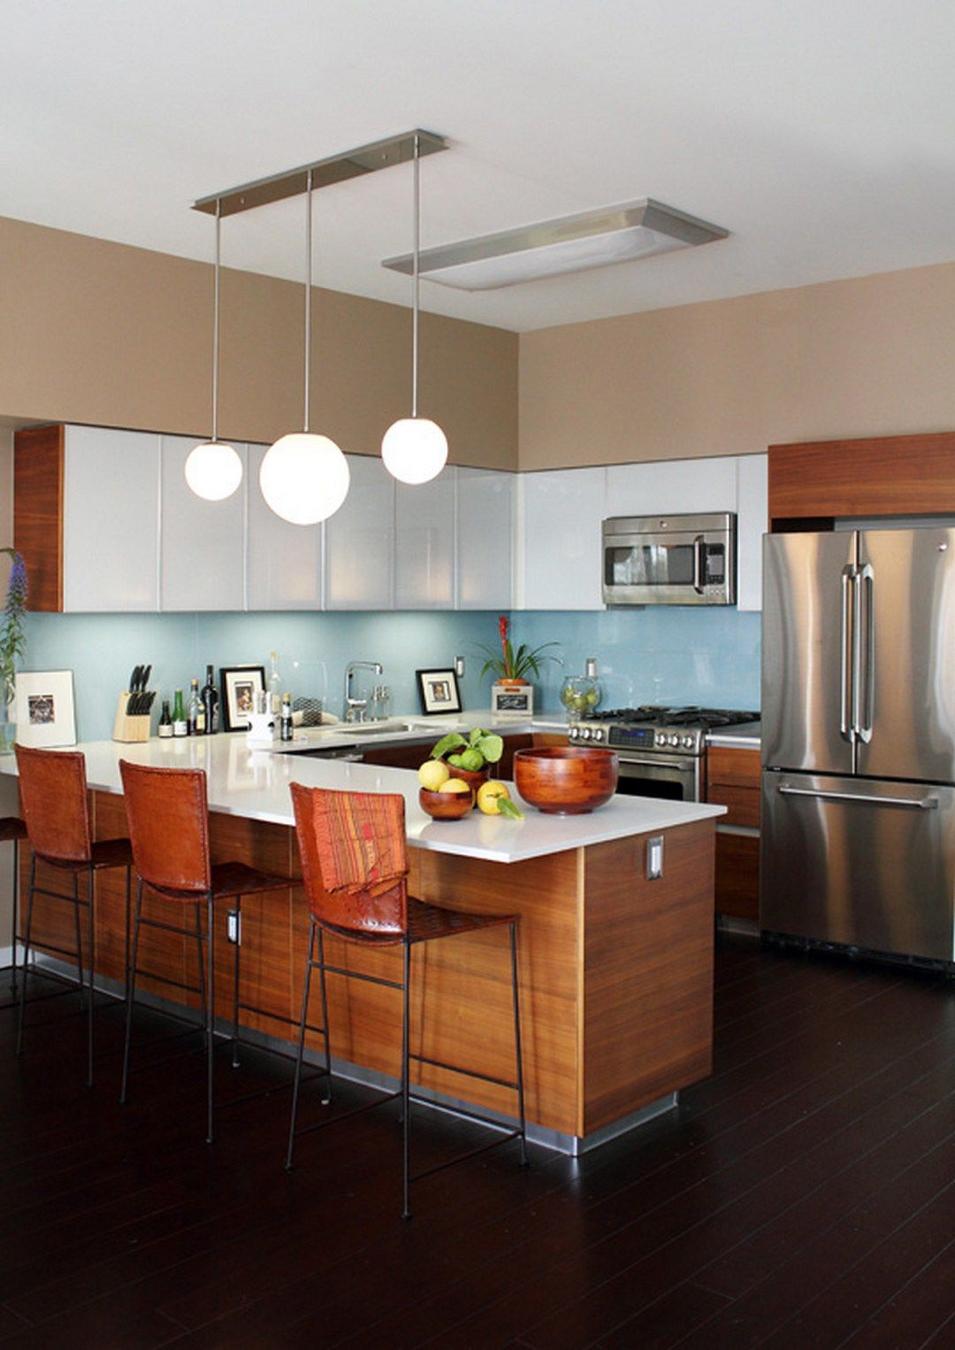 5 Mẫu Tủ Bếp Đẹp Hiện Đại Sự Mới Lạ Cho Căn Bếp Cũ